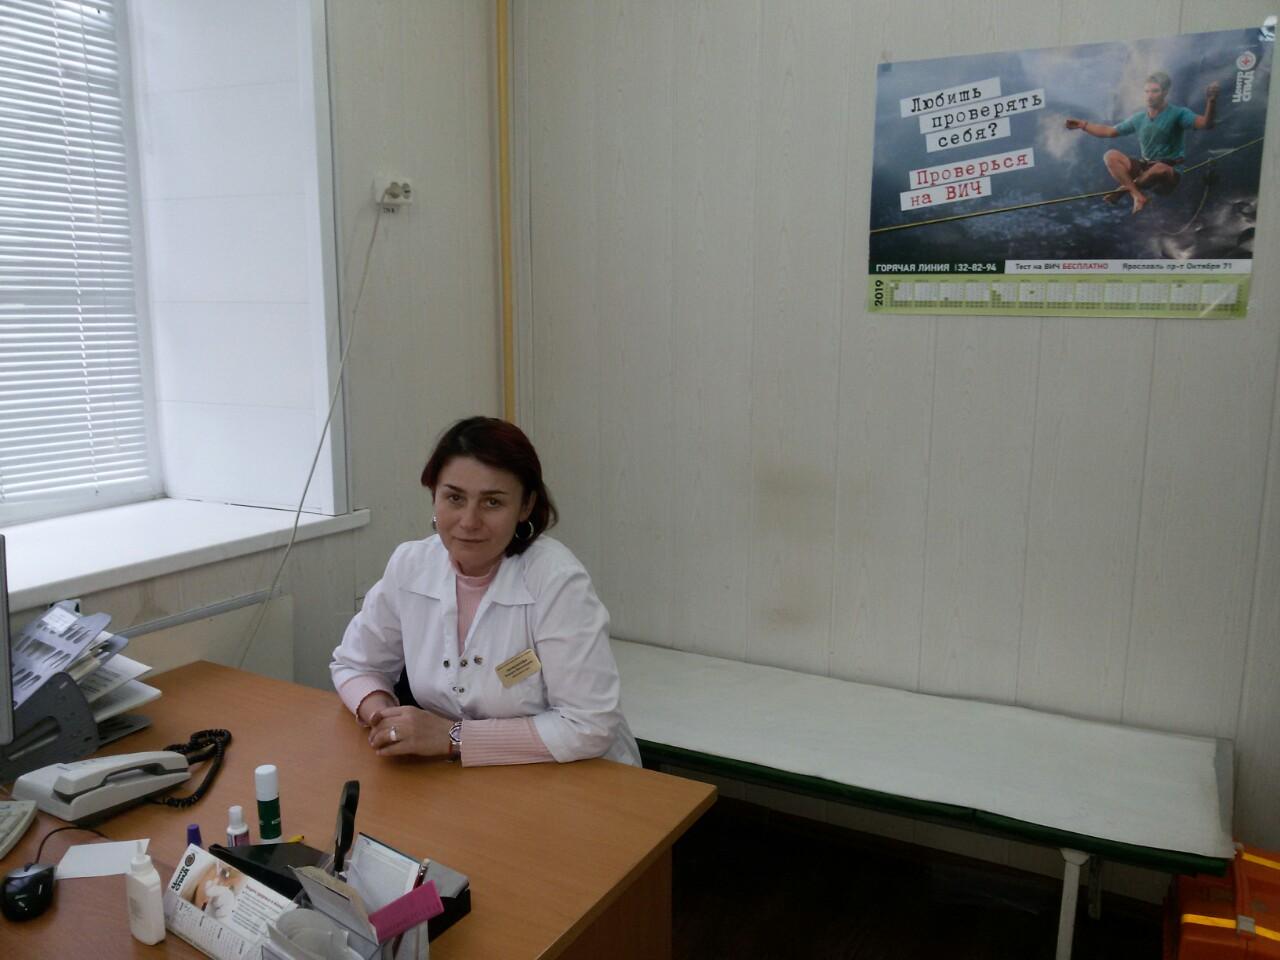 В городской поликлинике №3 имени Семашко в Рыбинске открылся кабинет неотложной помощи